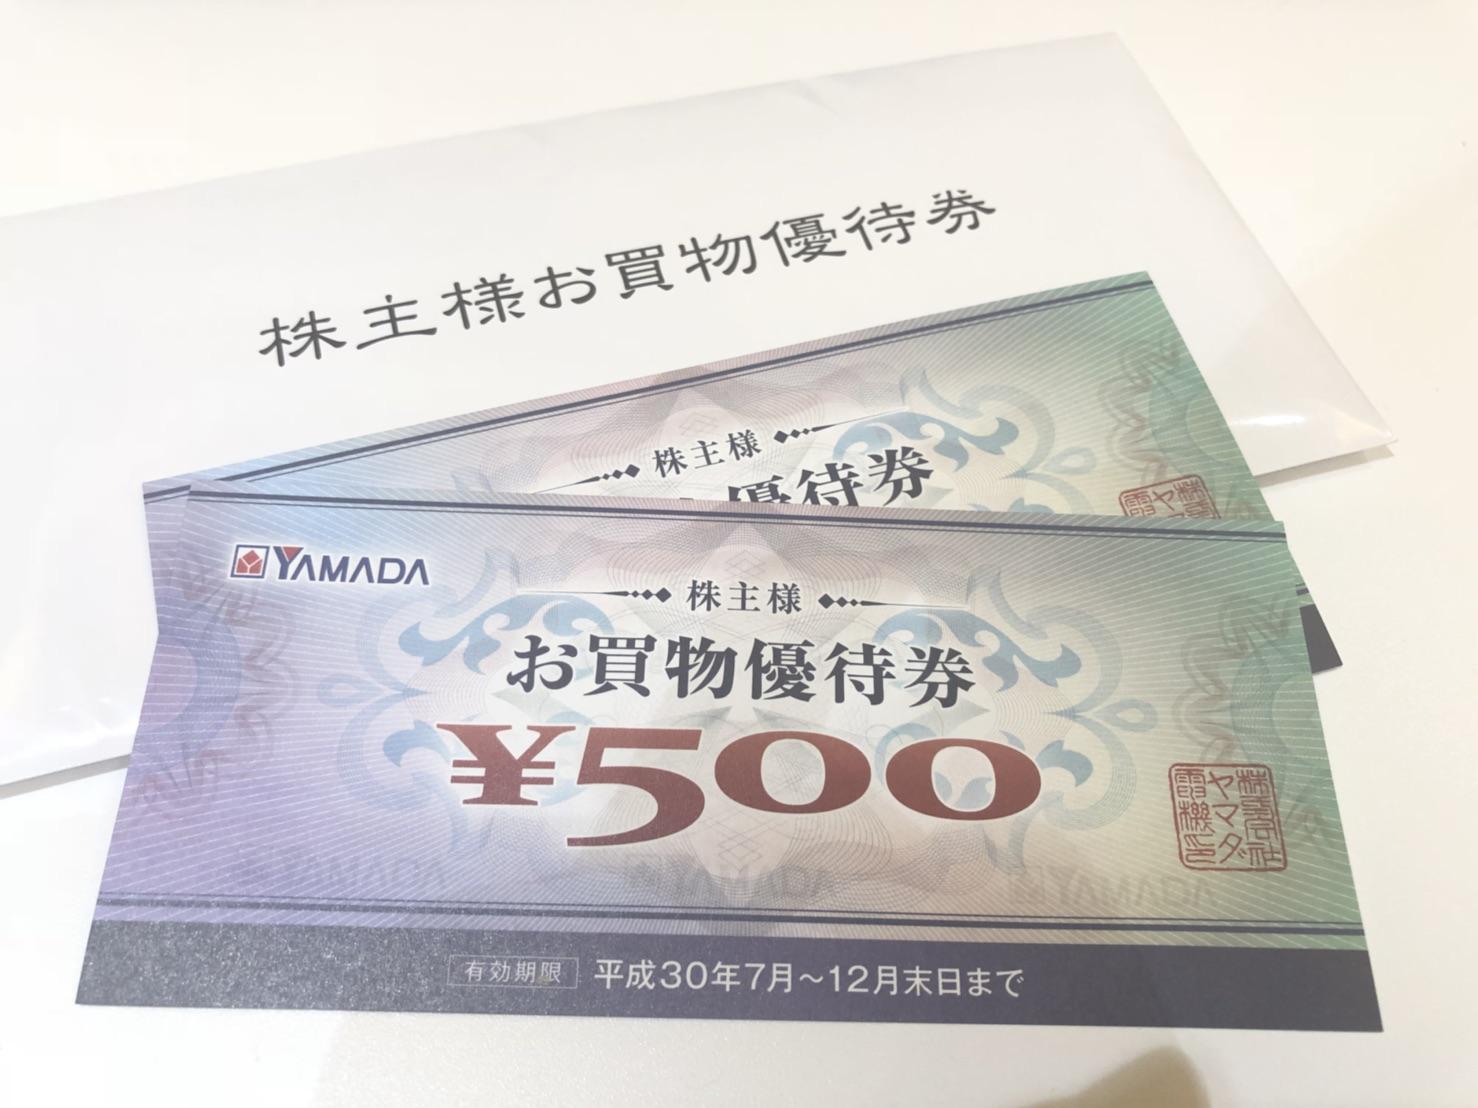 ヤマダ電機株主優待2018